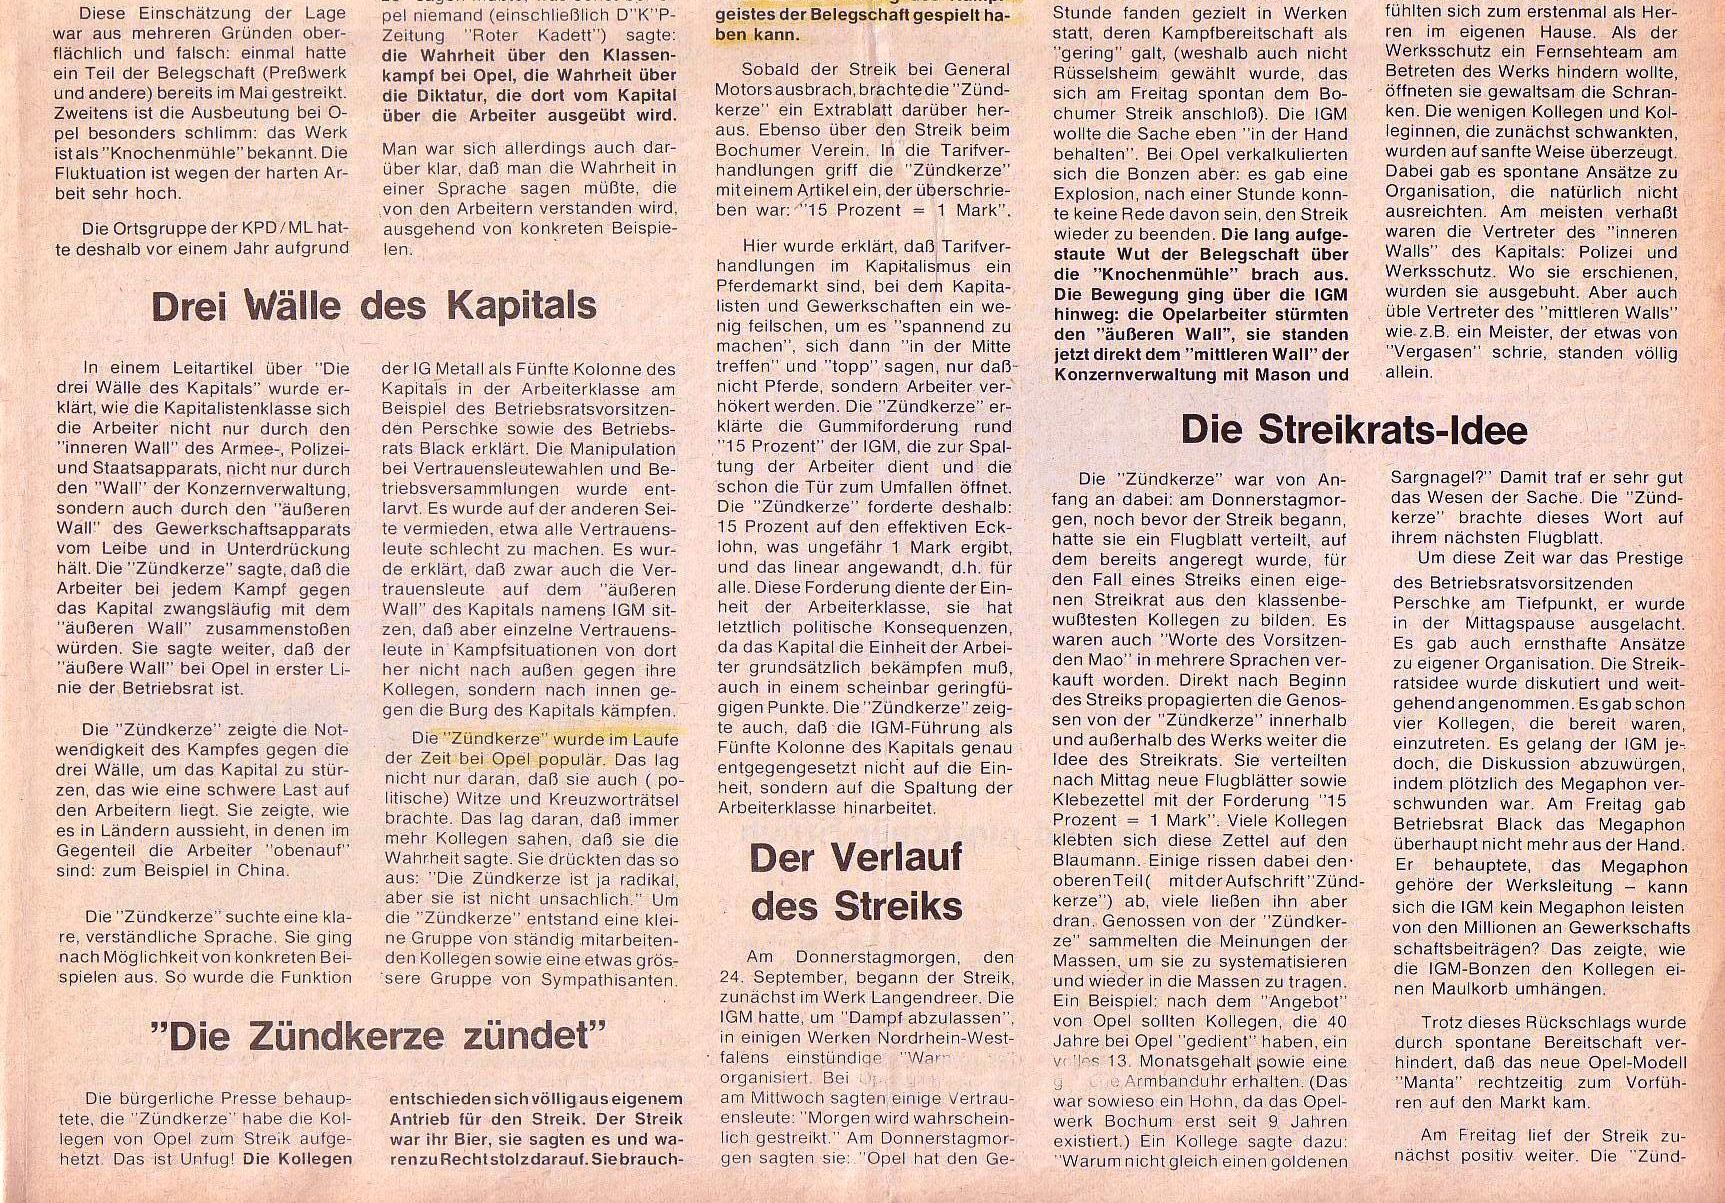 Roter Morgen, 4. Jg., Oktober 1970, Nr. 9, Seite 3b